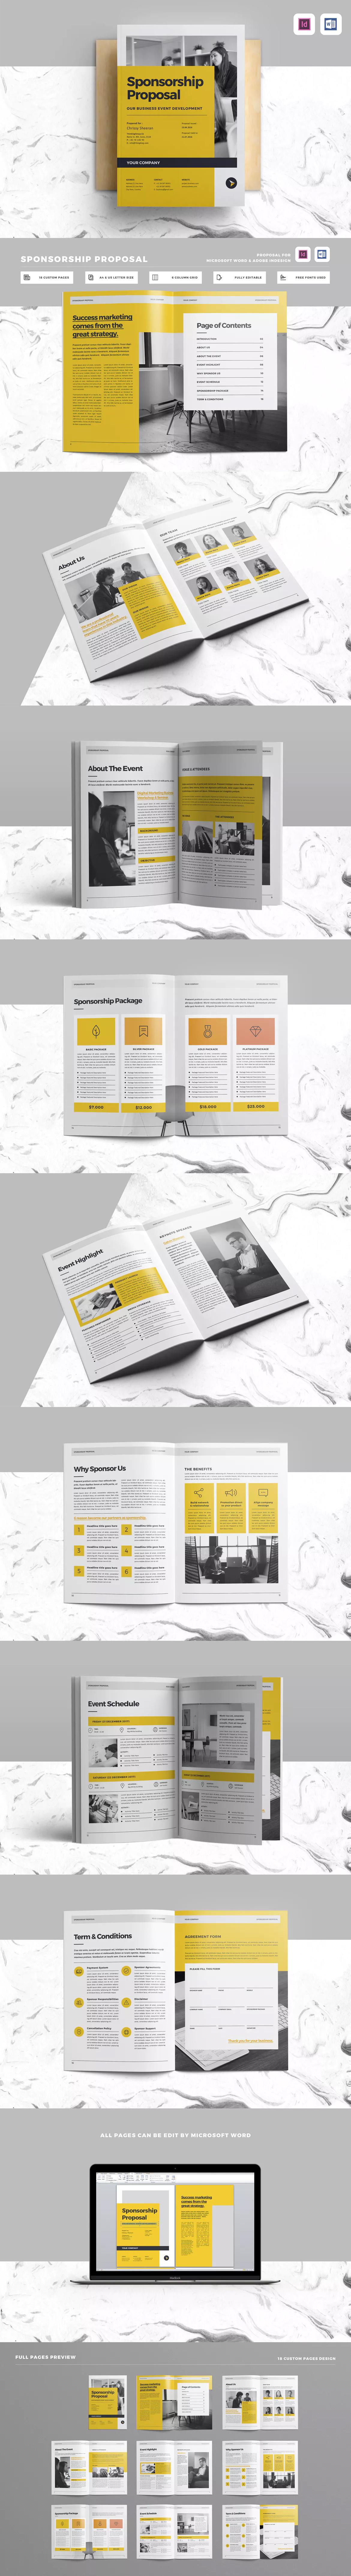 Sponsorship Proposal Template InDesign INDD - A4 & US letter ...